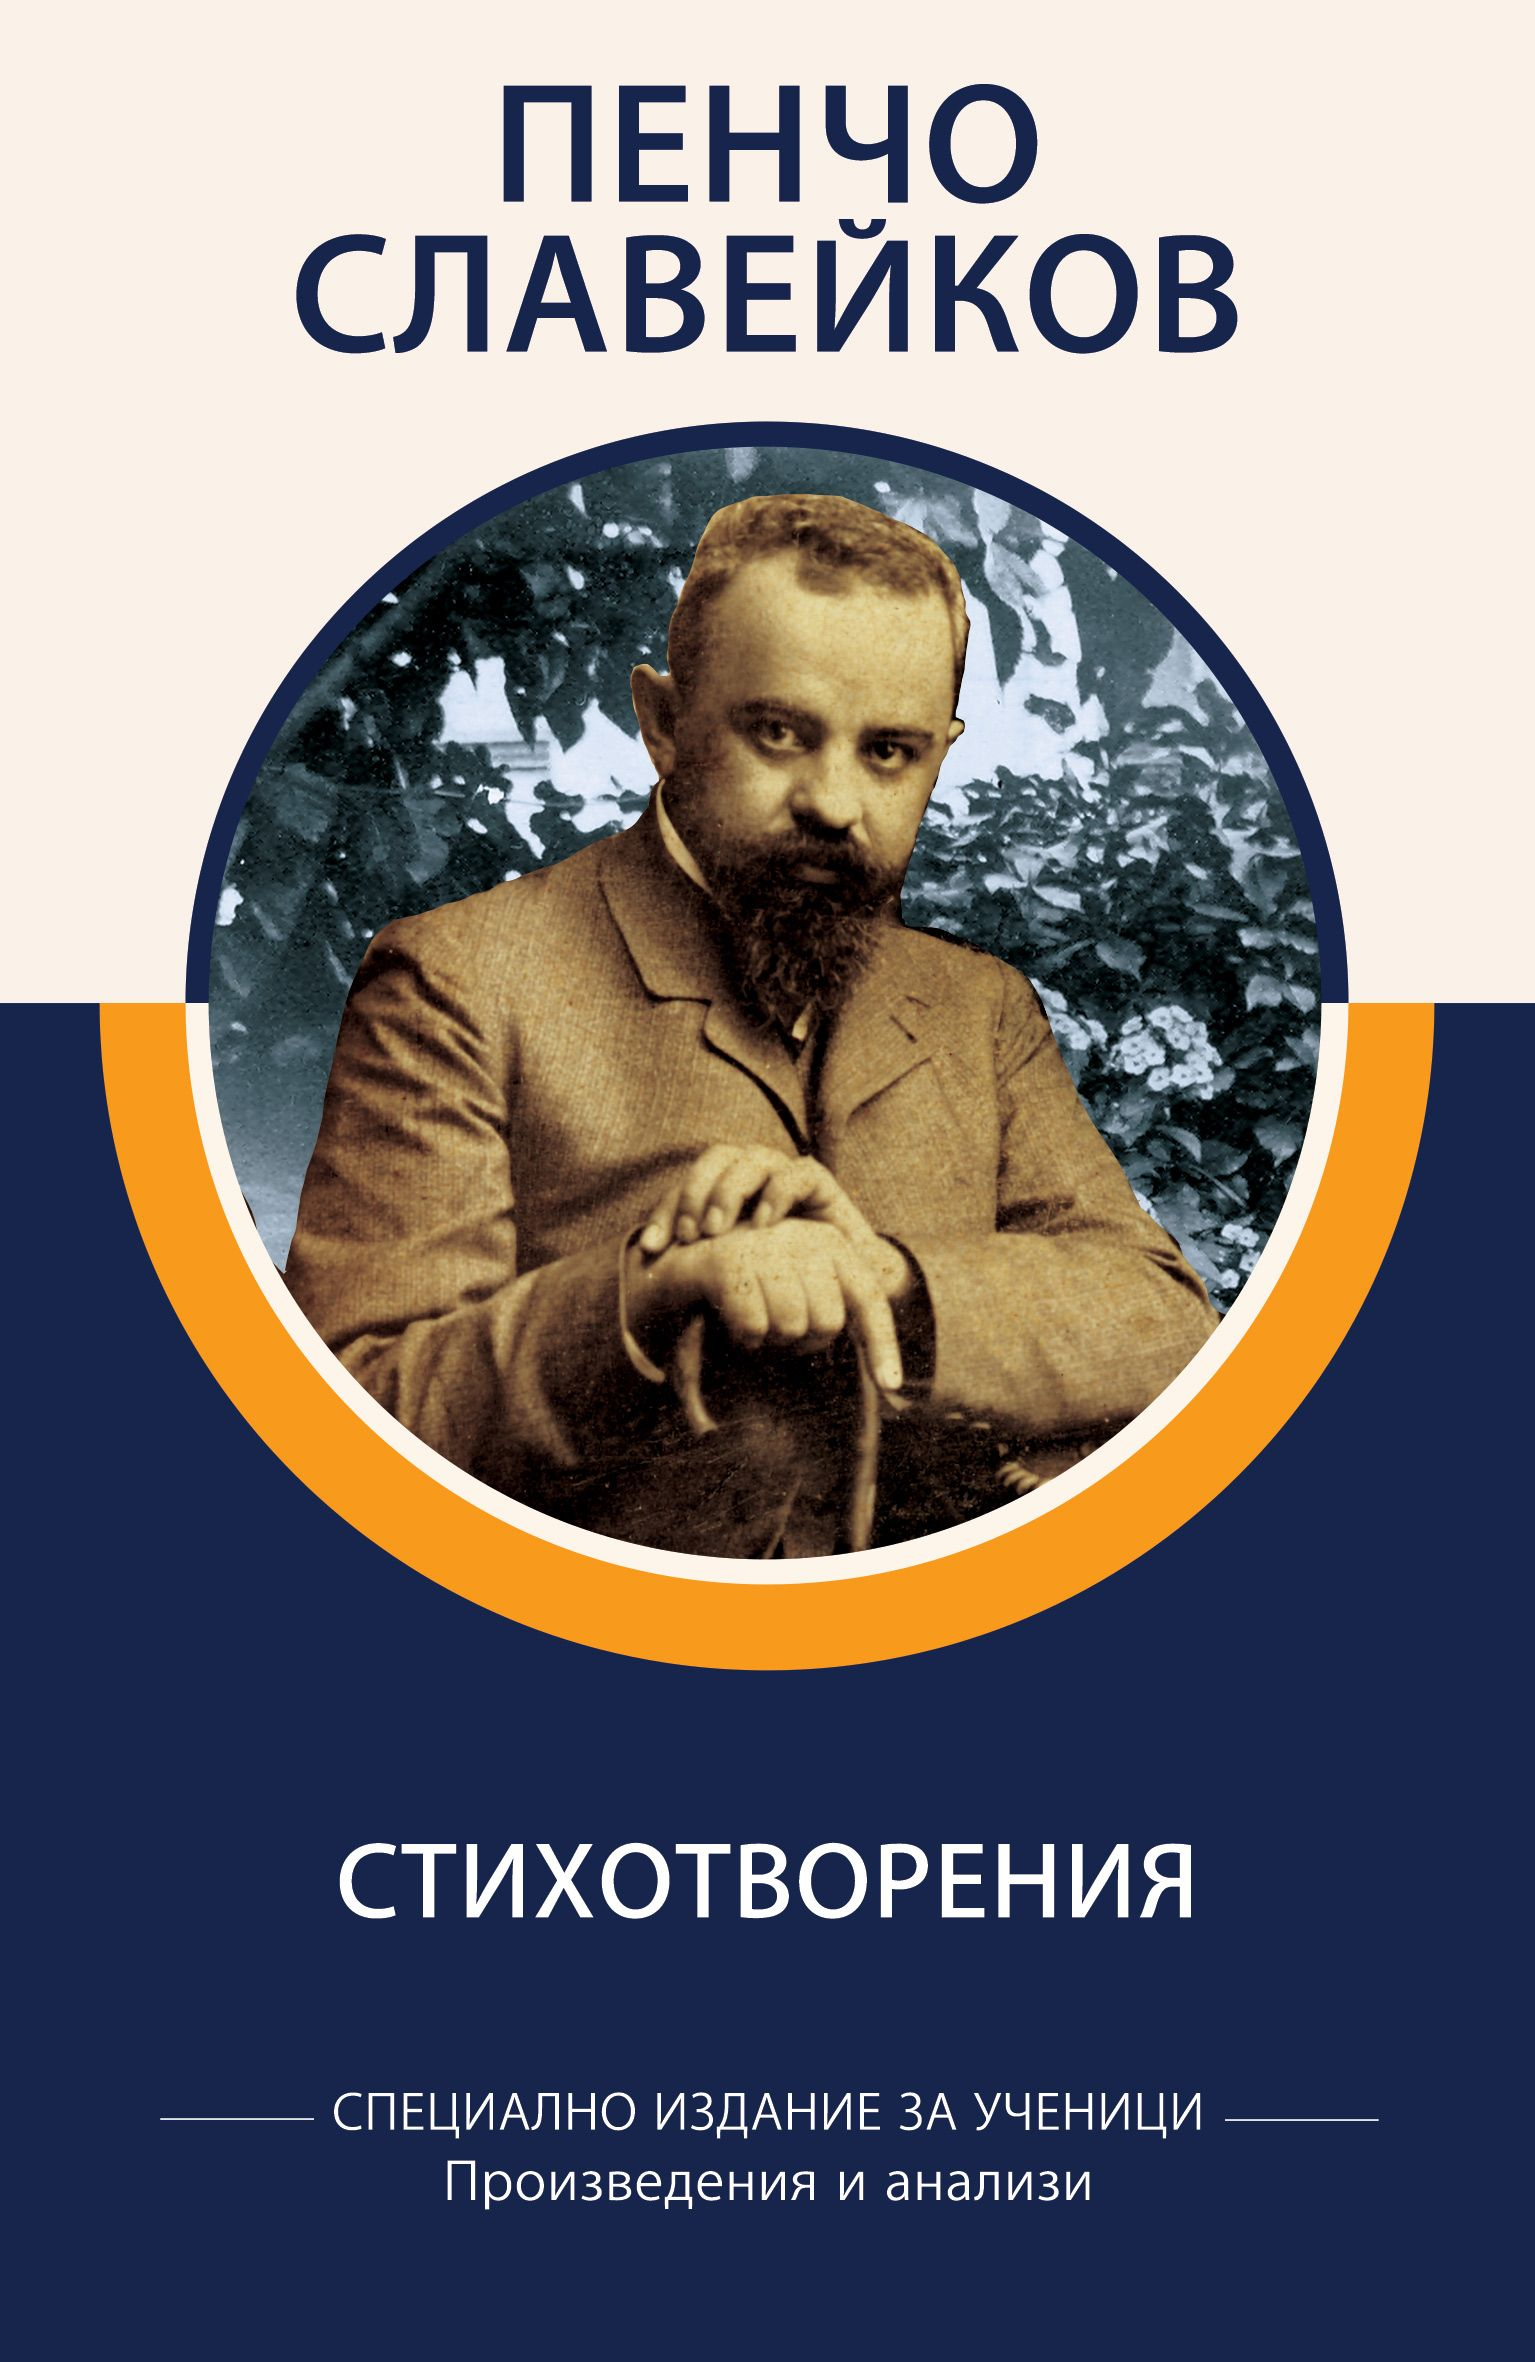 Пенчо Славейков: Стихотворения (специално издание за ученици) - 1